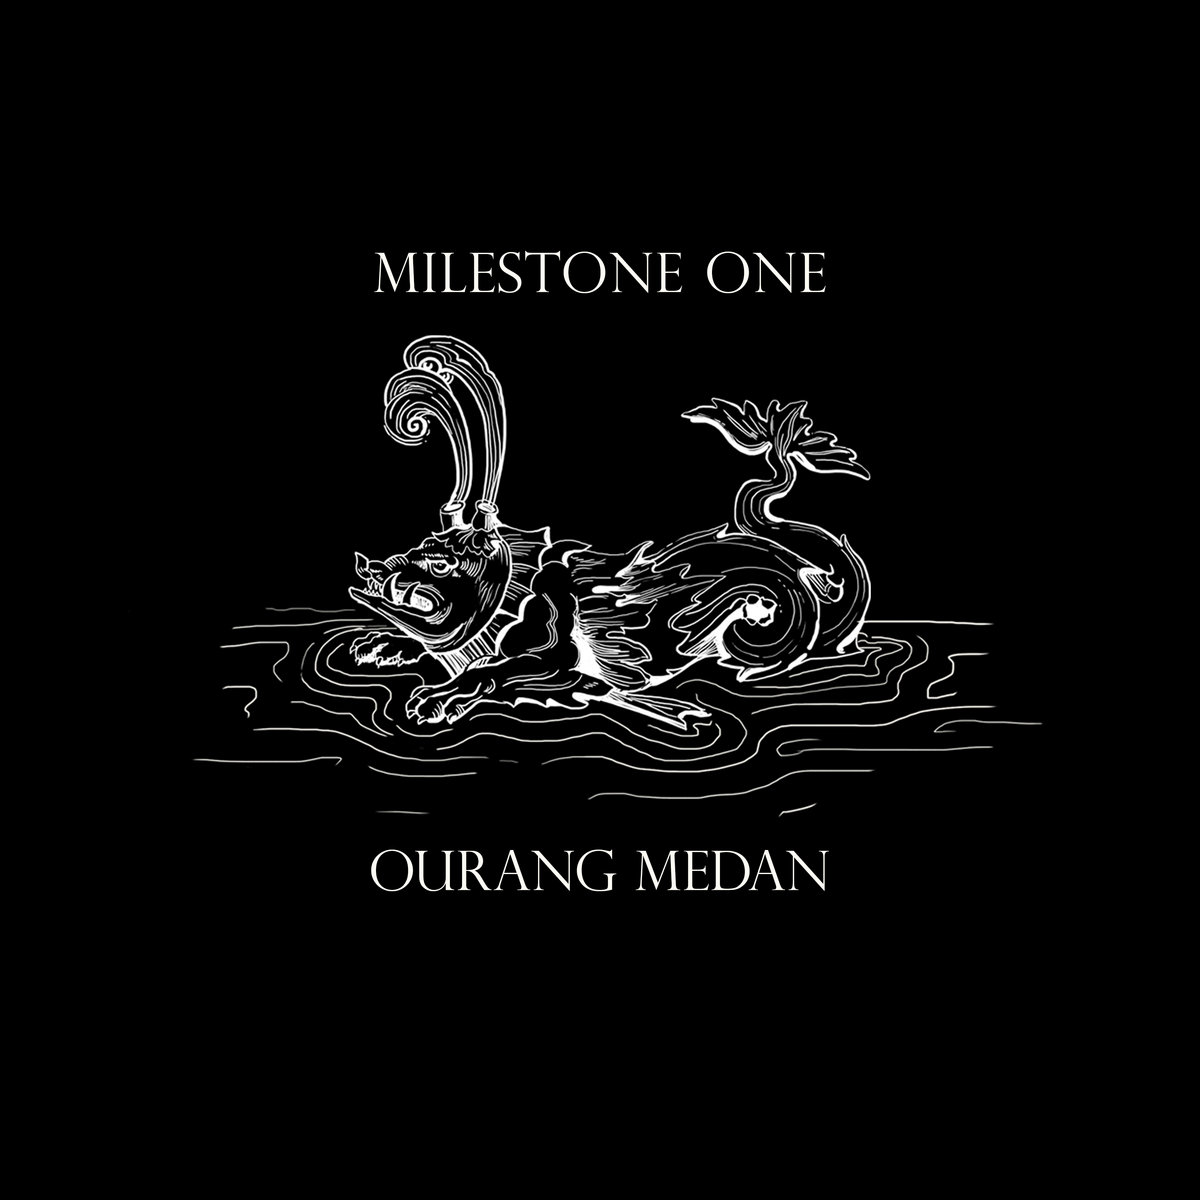 Ourang Medan